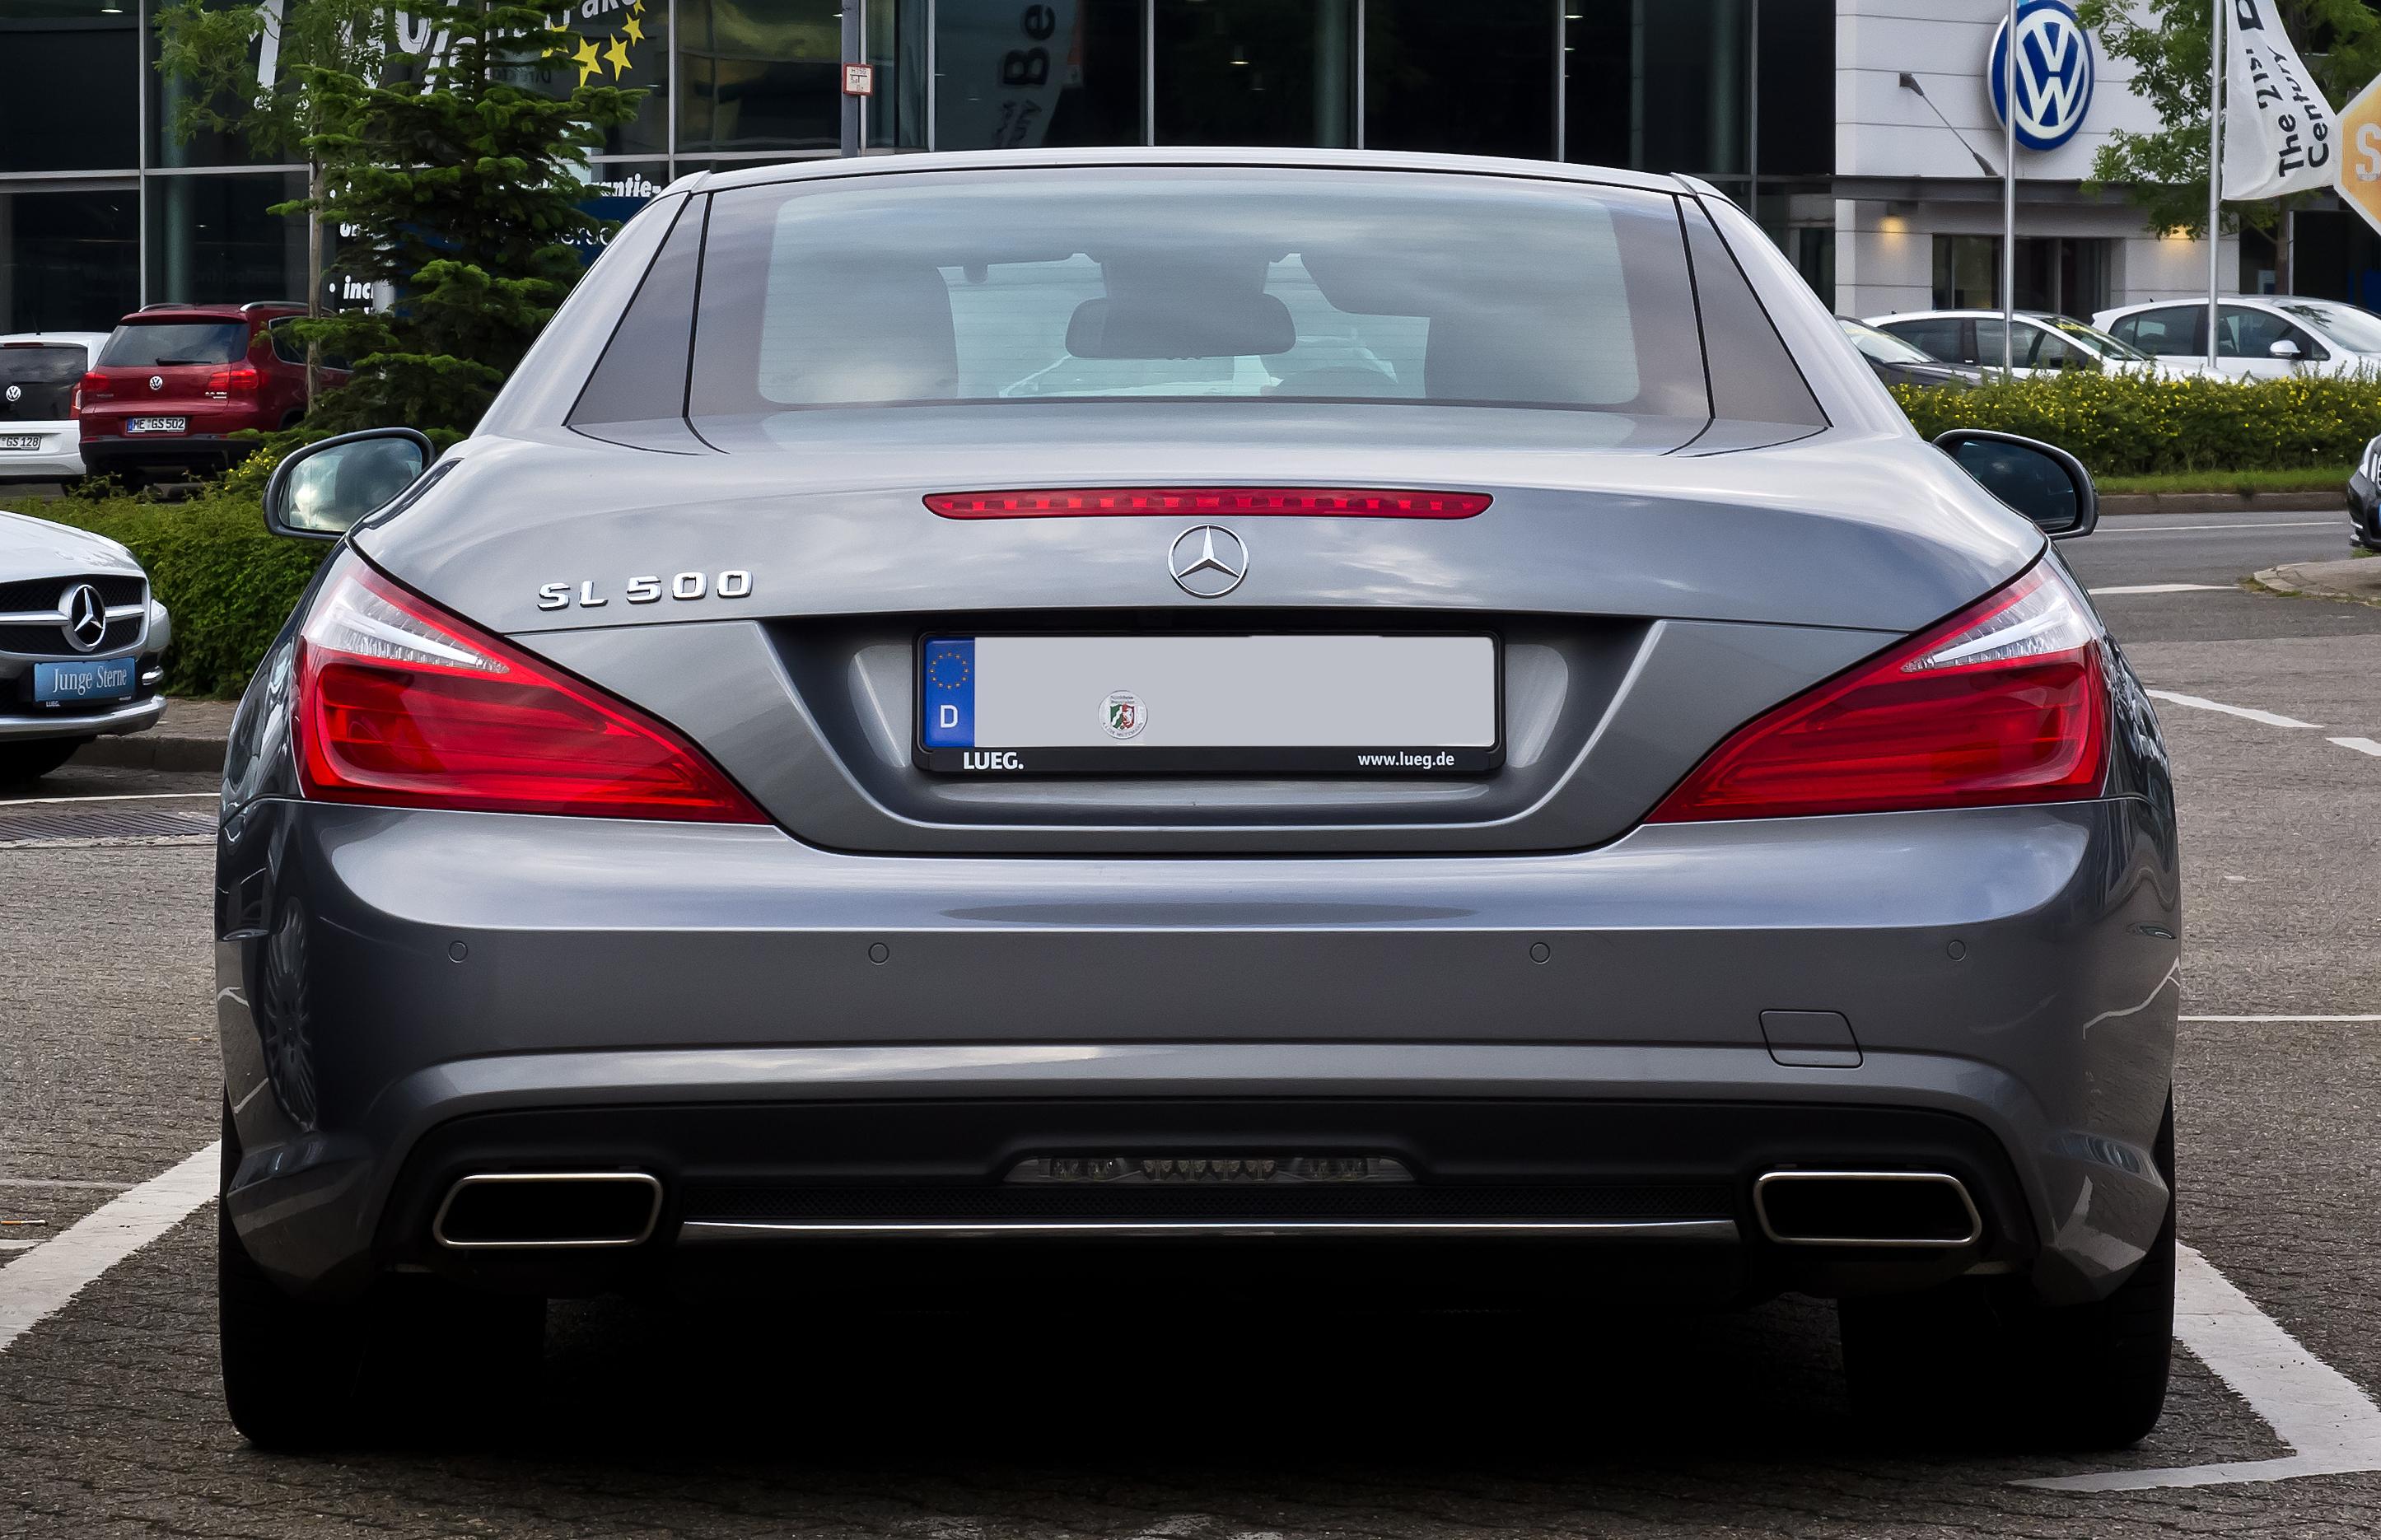 File Mercedes Benz Sl 500 Blueefficiency Sport Paket Amg R 231 Heckansicht 1 8 August 2017 Velbert Jpg